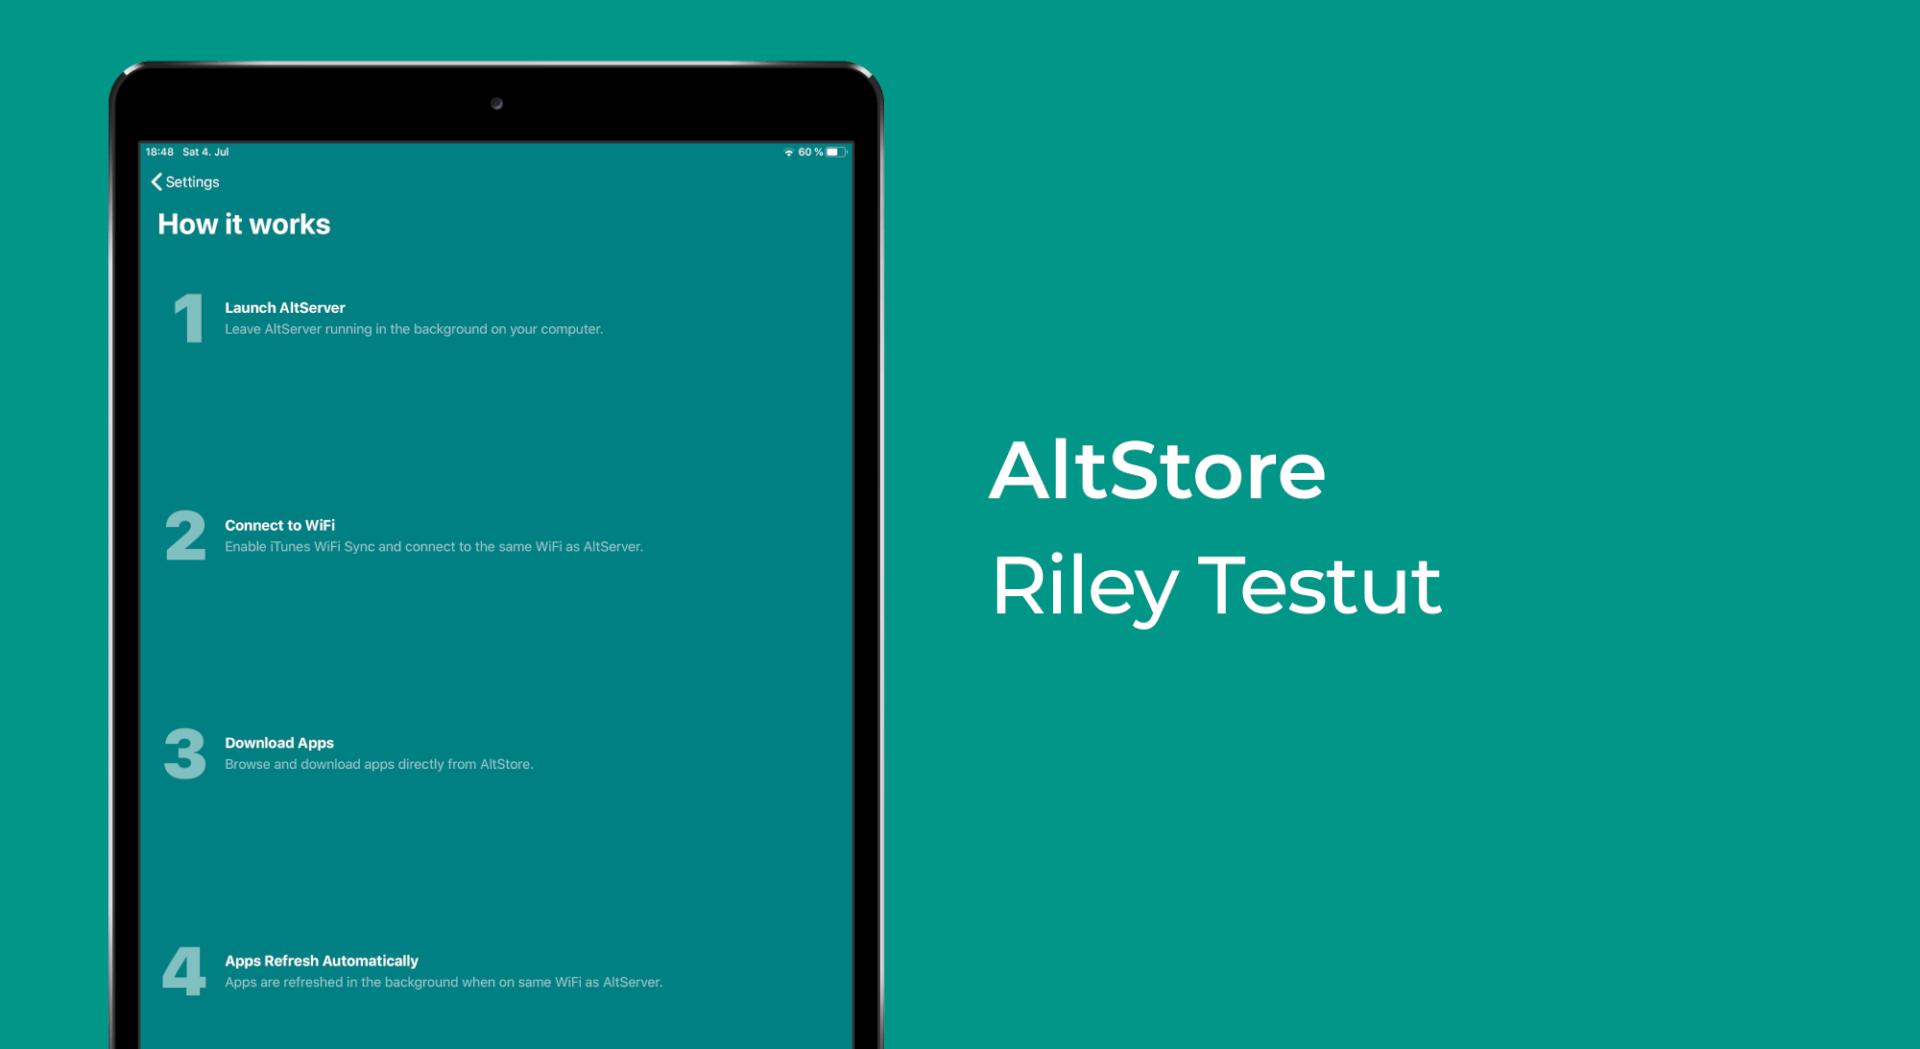 AltStore, Riley Testut Banner